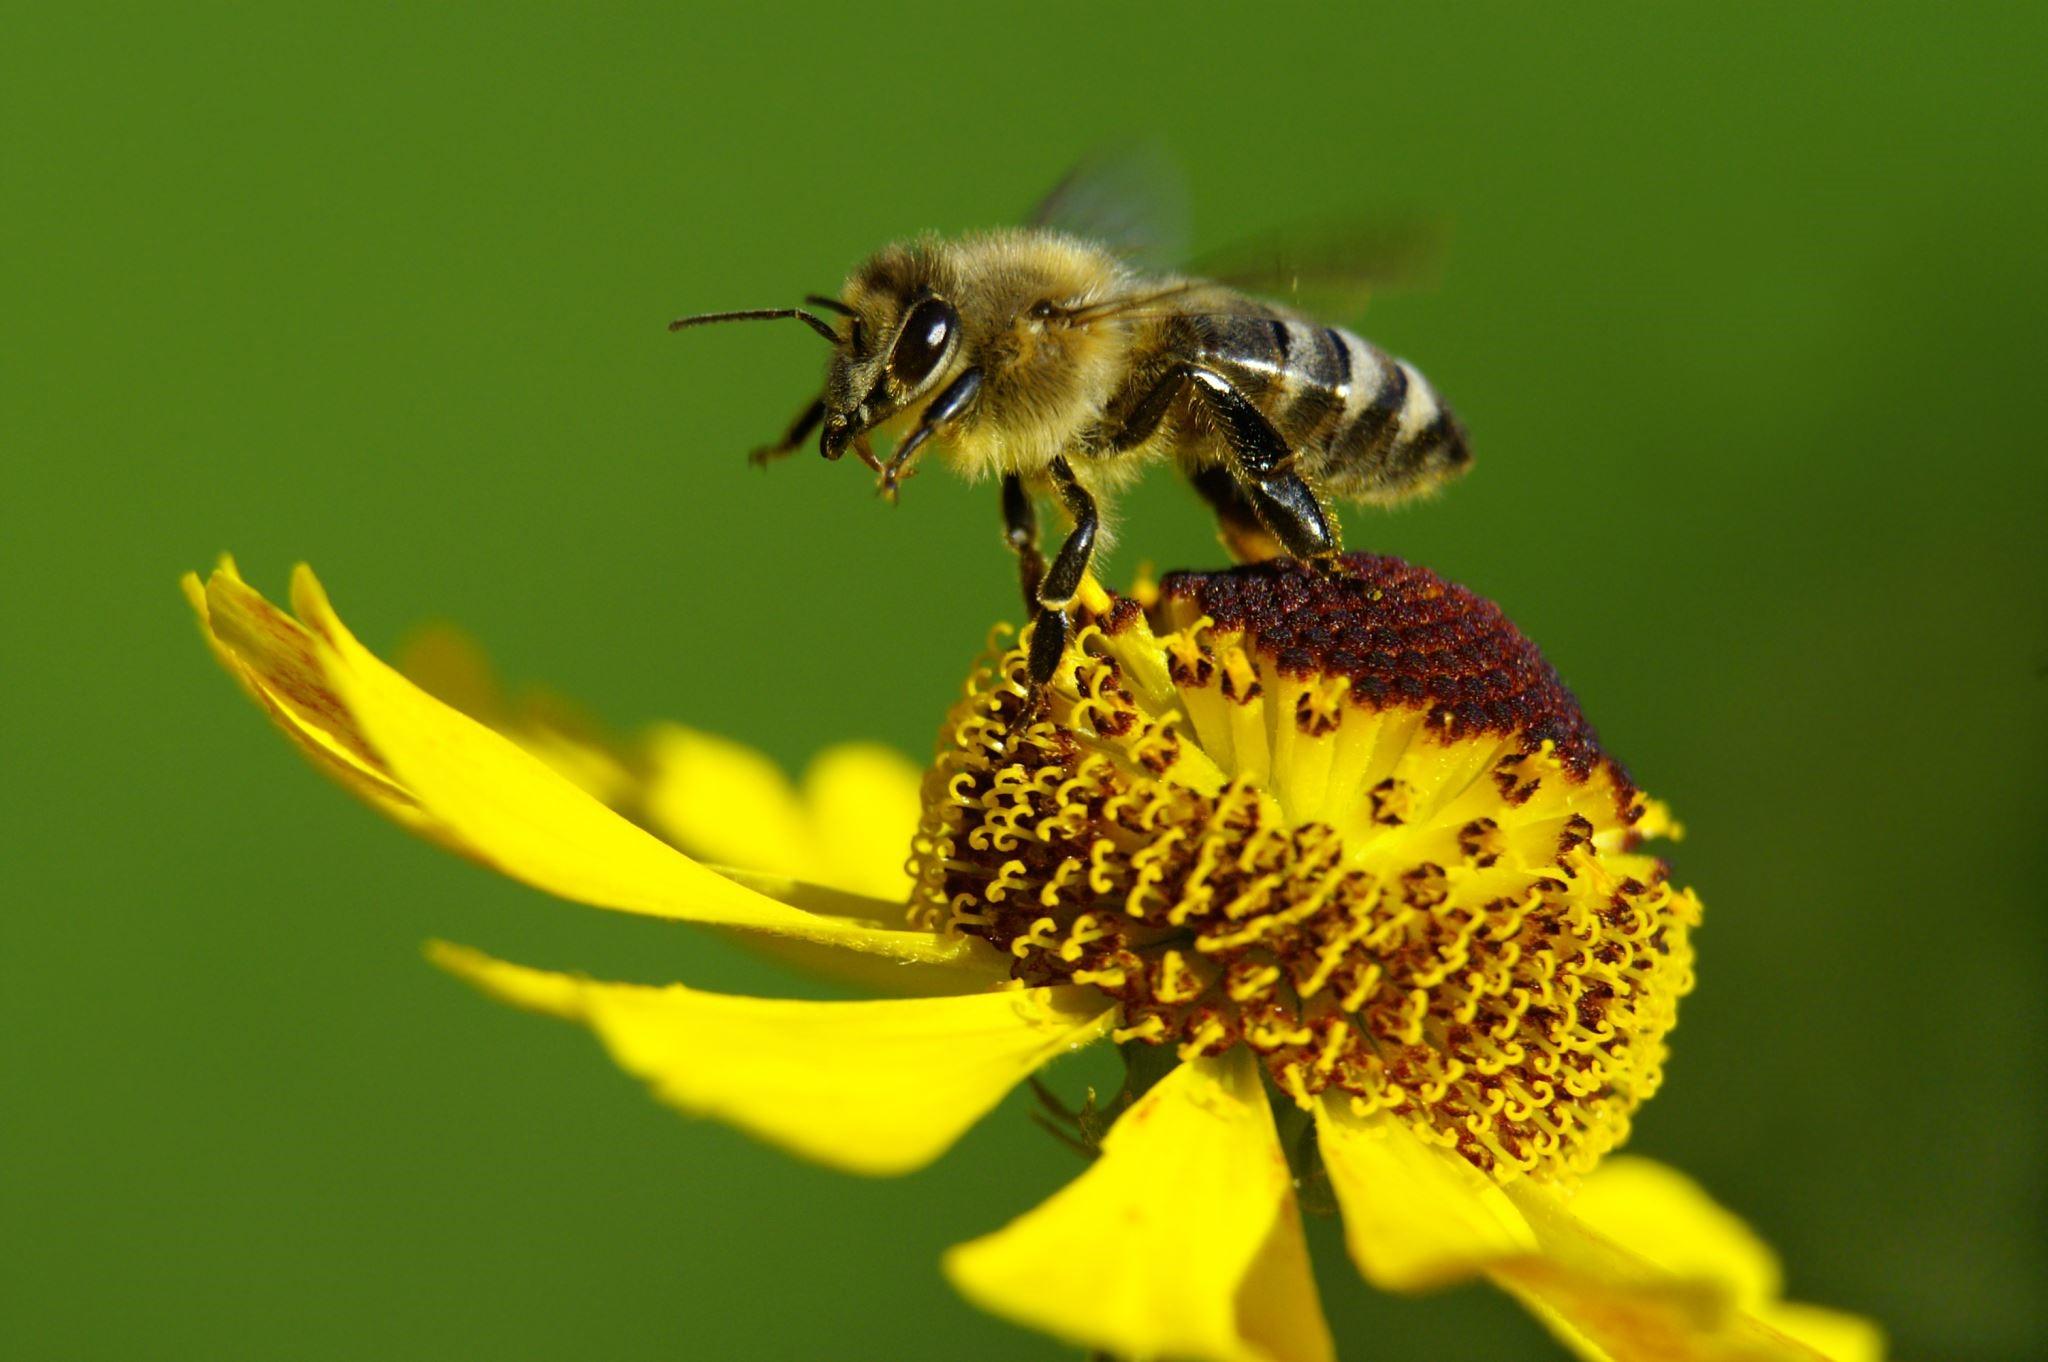 Nourrir correctement les abeilles : quand et comment?